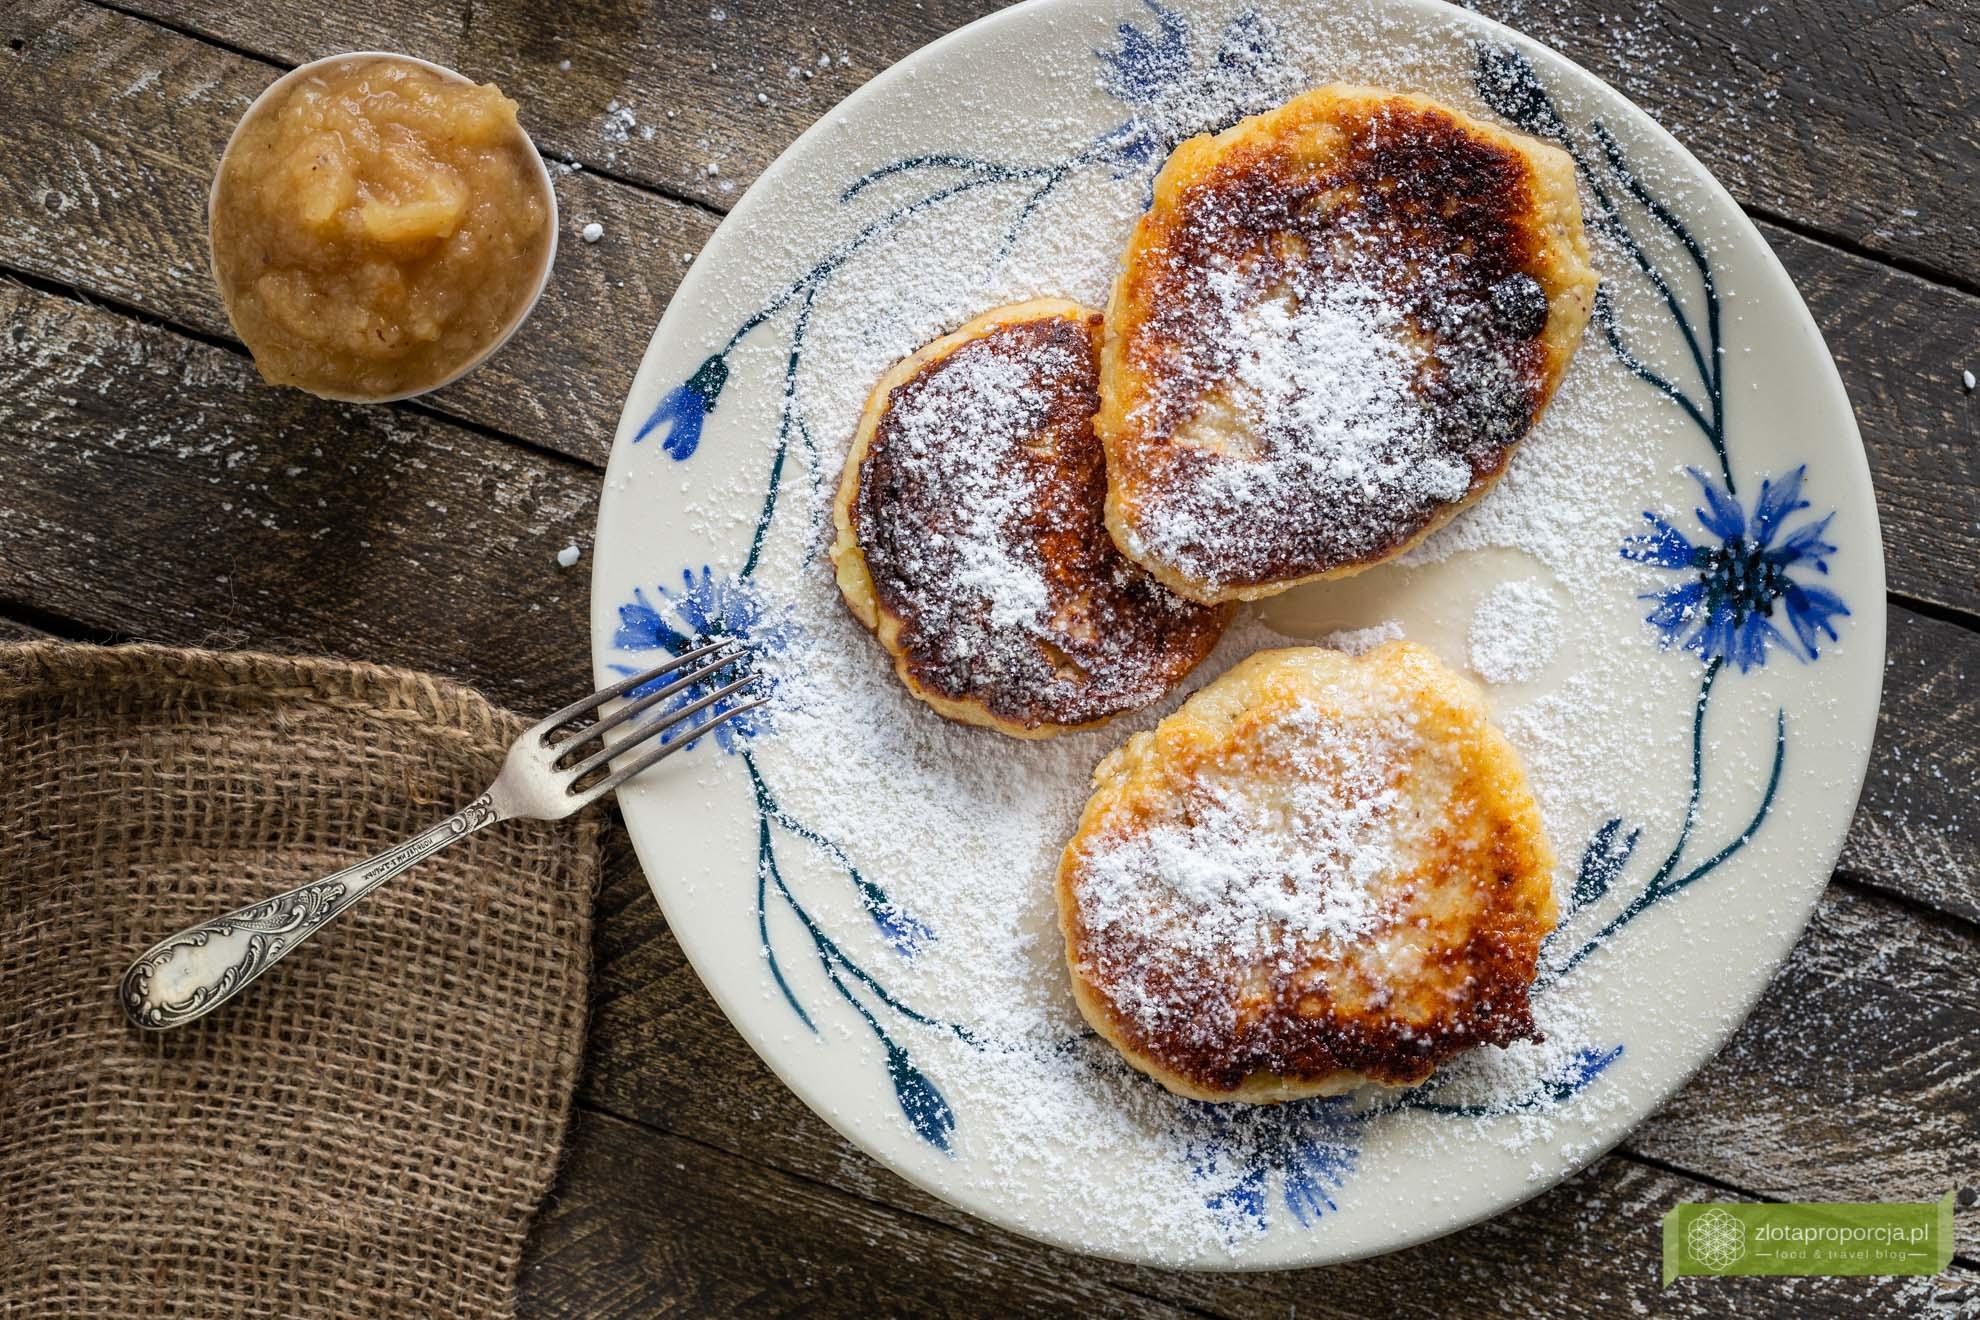 Quarkkeulchen, słodkie placki z ziemniaków i sera, placuszki z musem jabłkowym, kuchnia Saksonii, kuchnia niemiecka